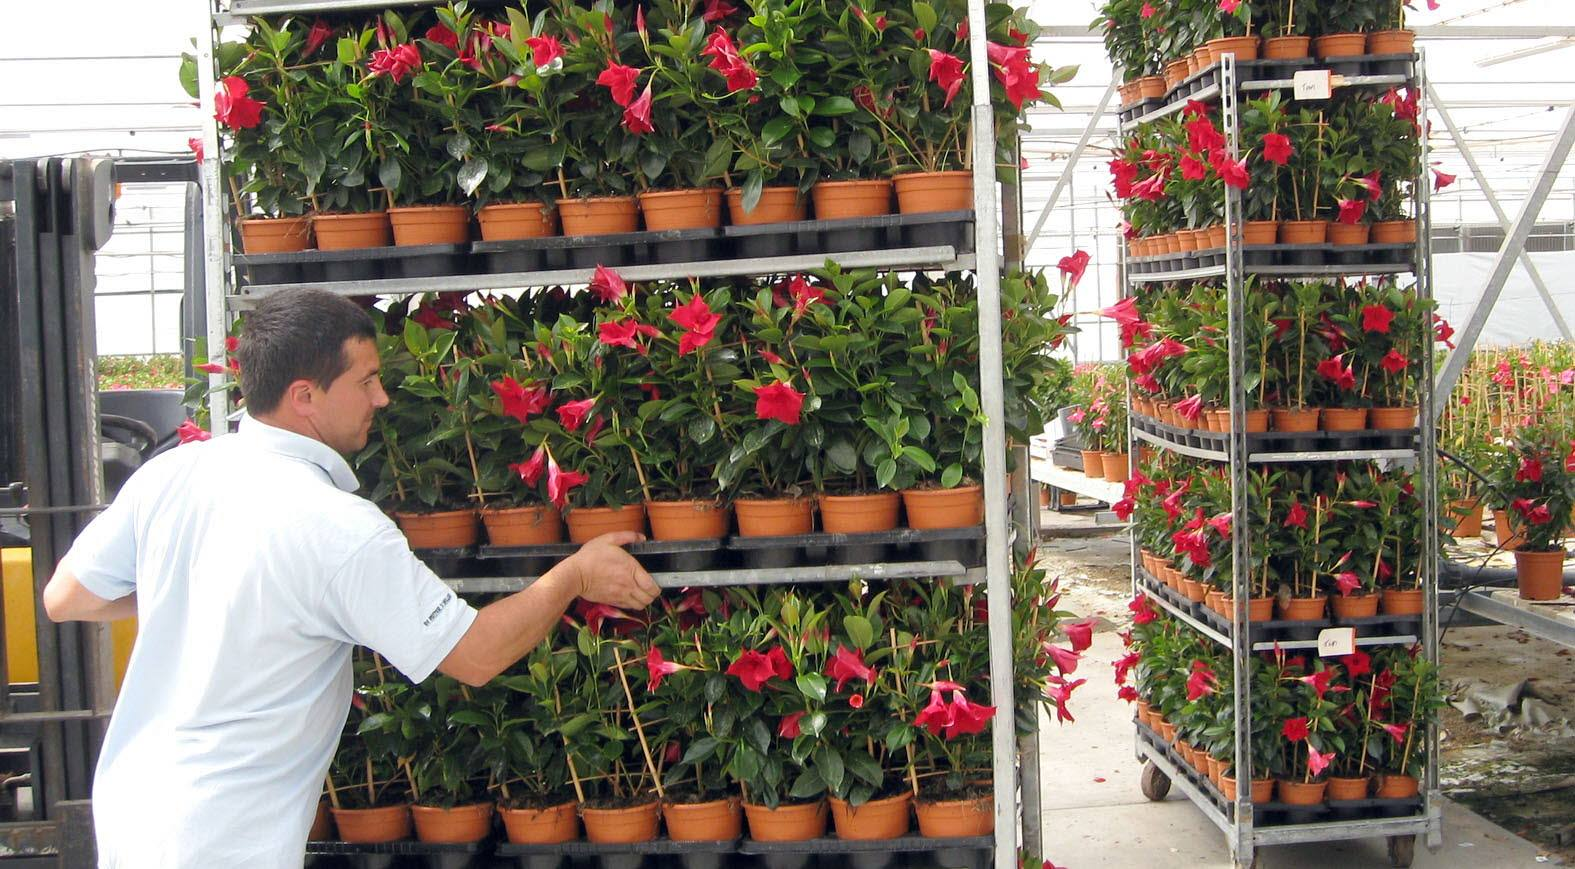 El sector aseguró 2.900 hectáreas protegidas y de tomate en 2013